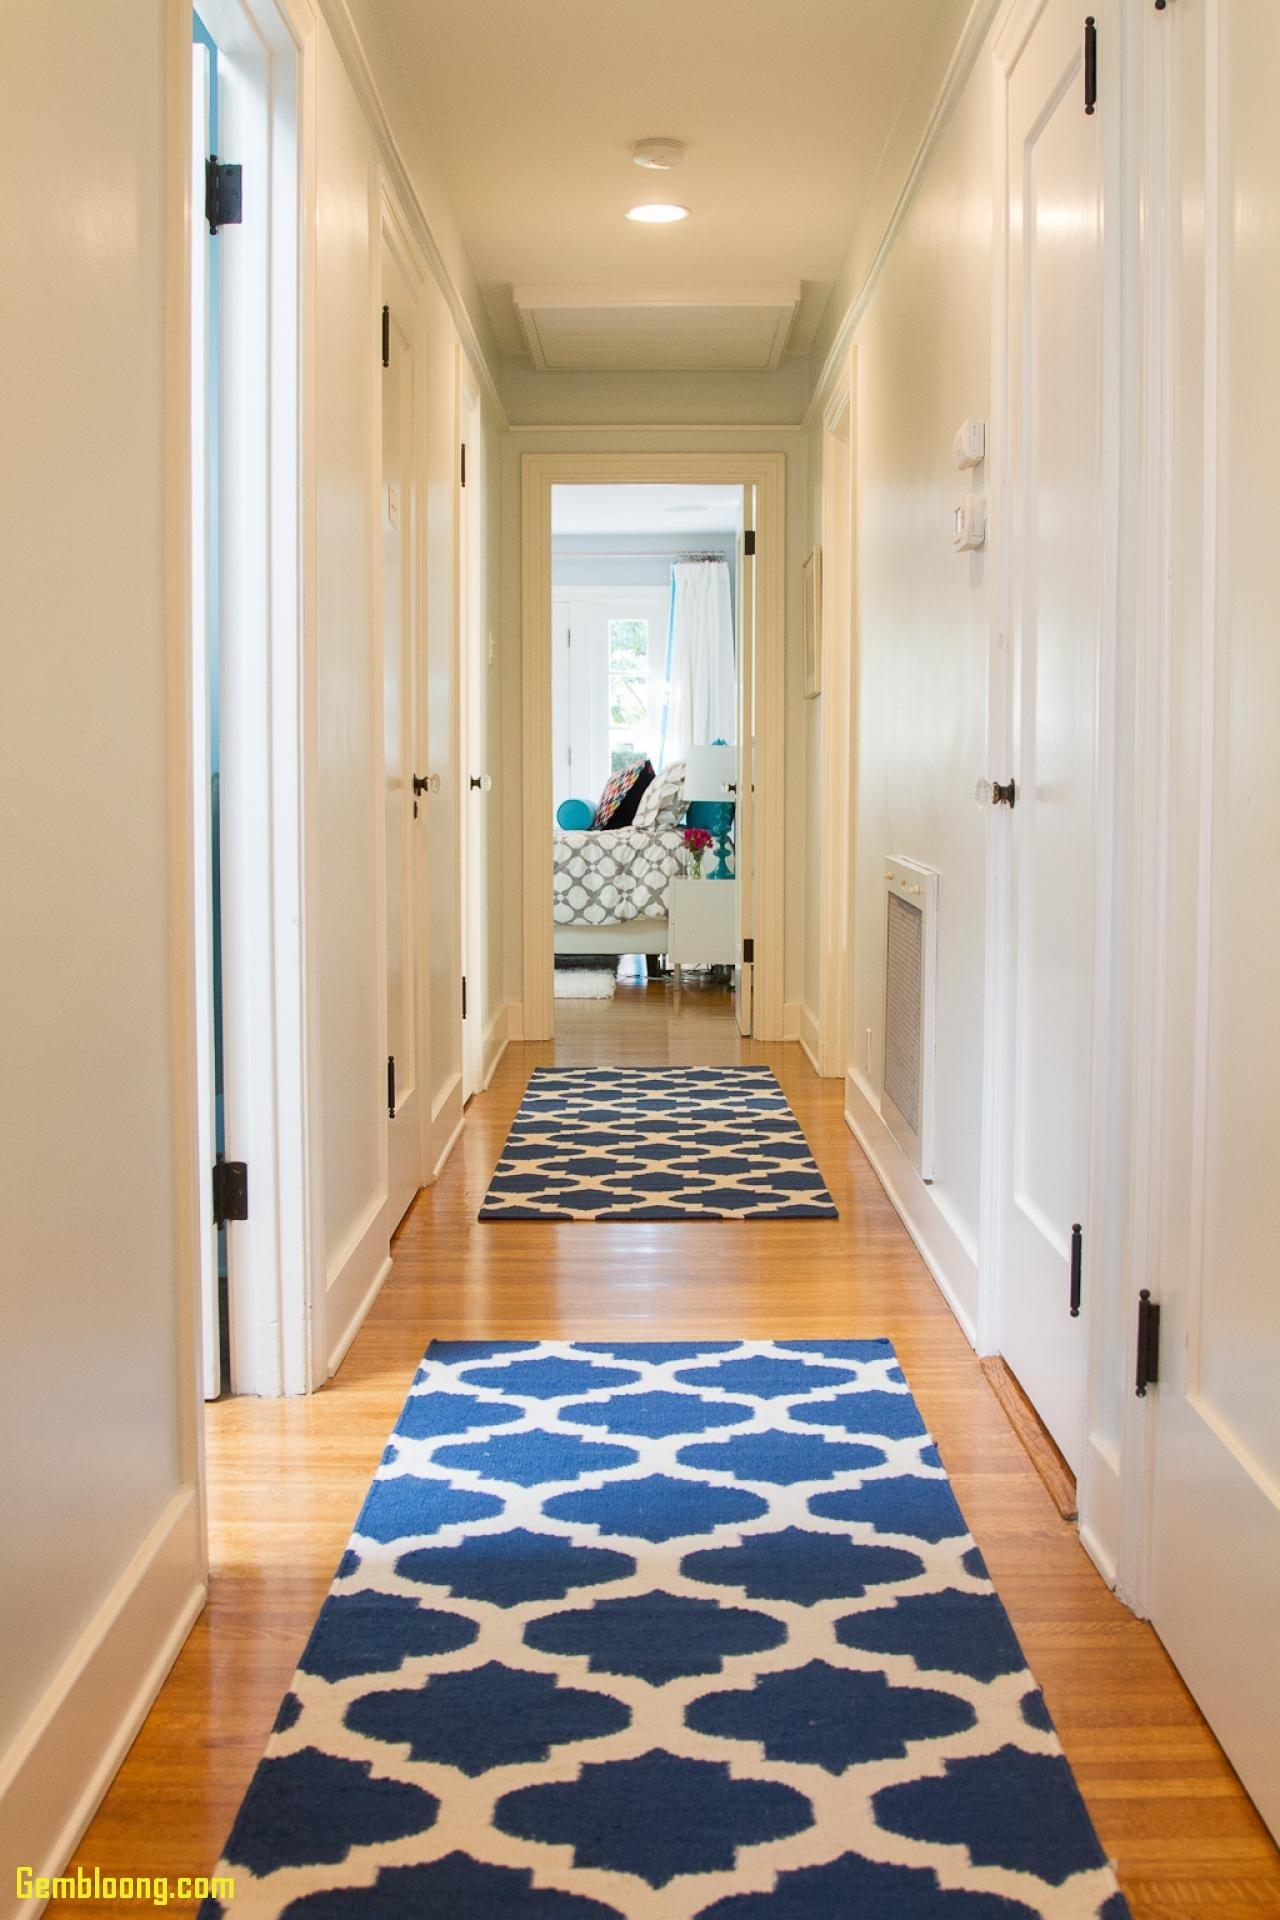 Elegant Image For Hallway Runner Casscorridorcommons Throughout Blue Rug Runners For Hallways (#9 of 20)